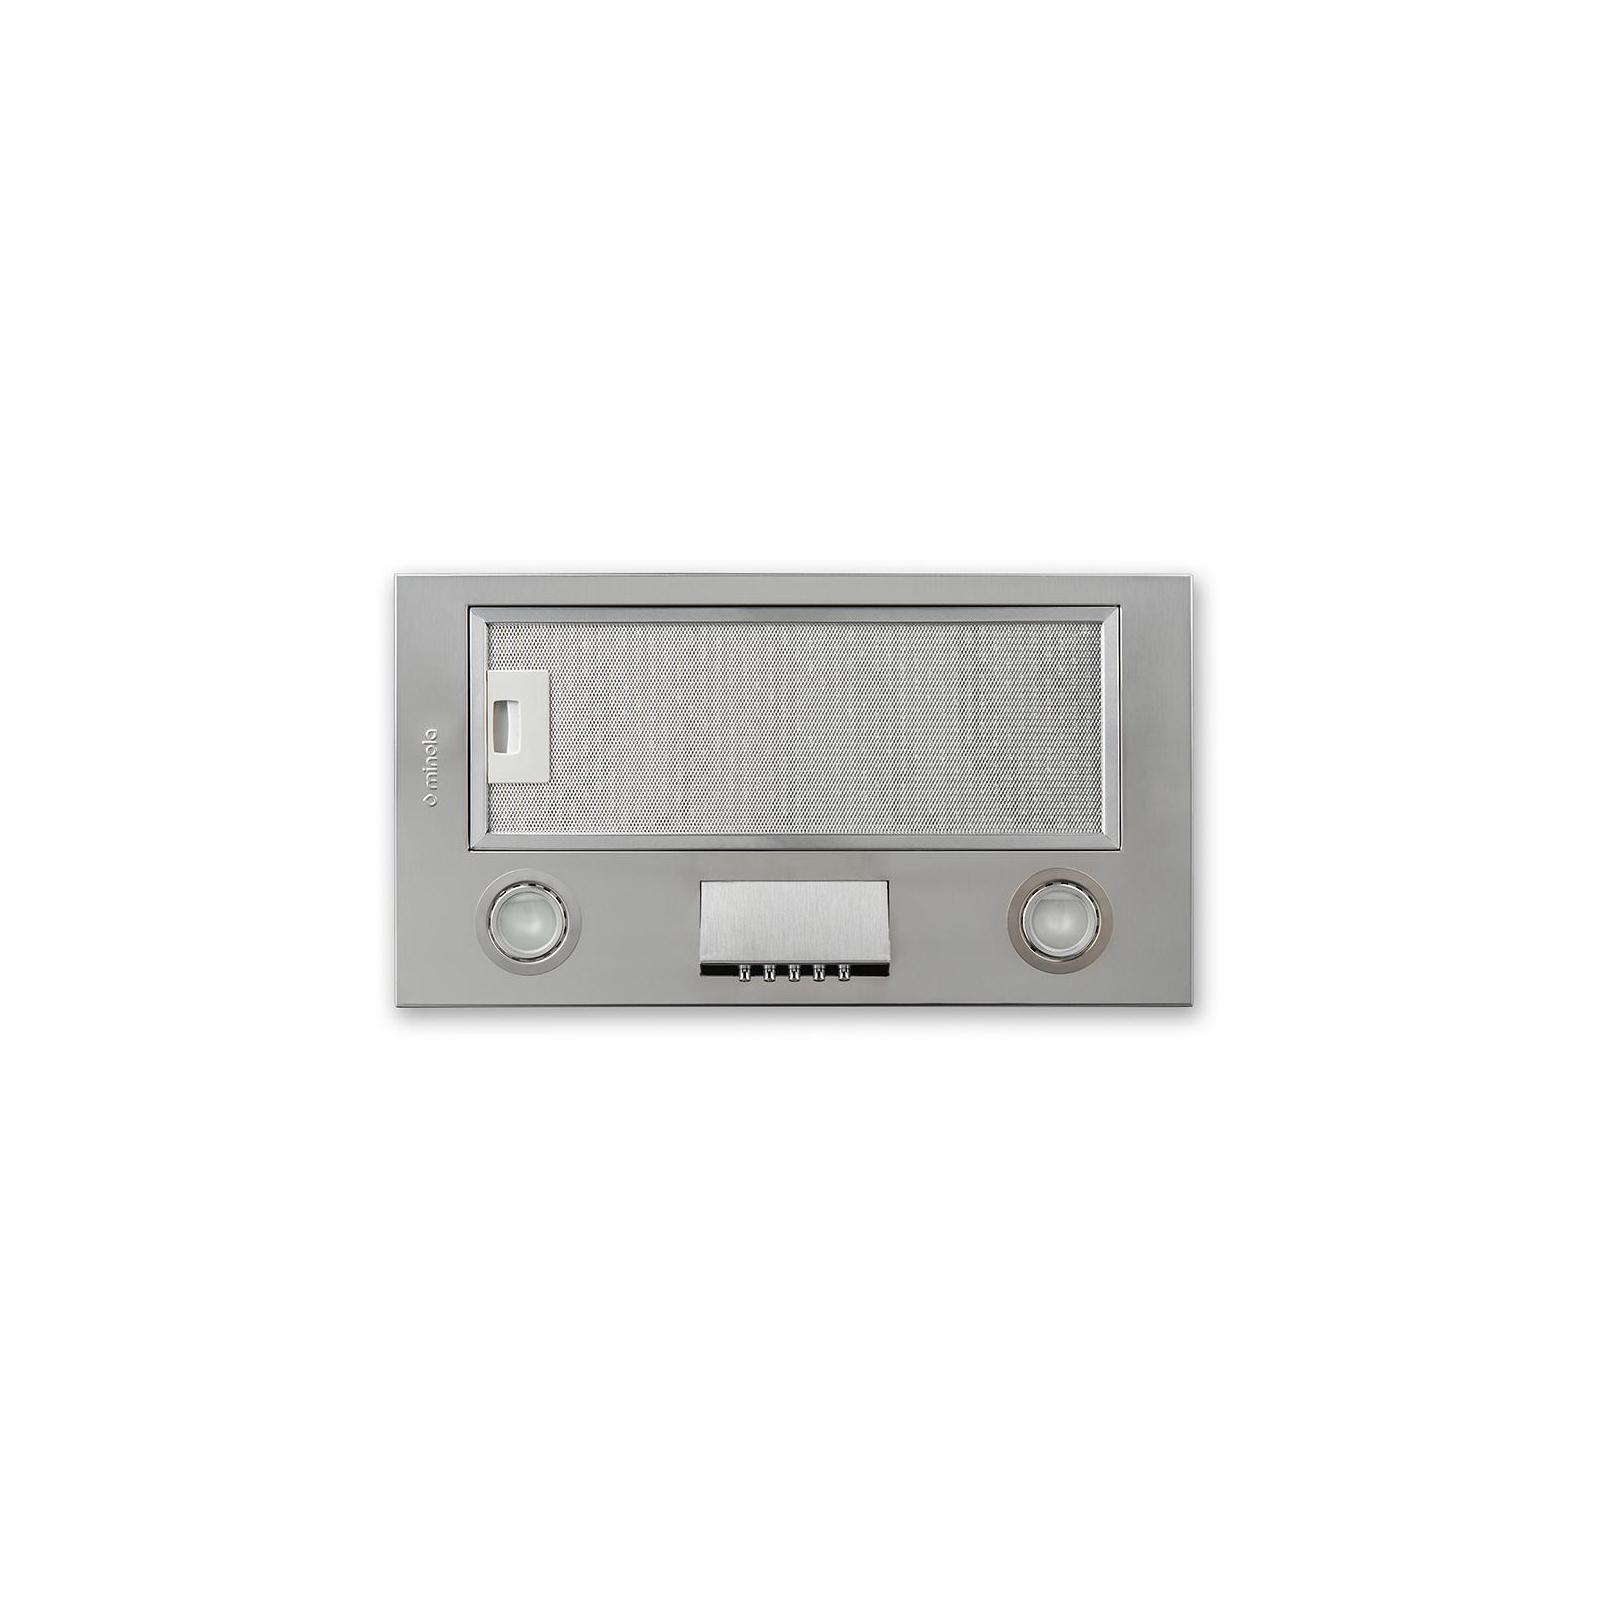 Вытяжка кухонная MINOLA HBI 5321 I 750 изображение 4